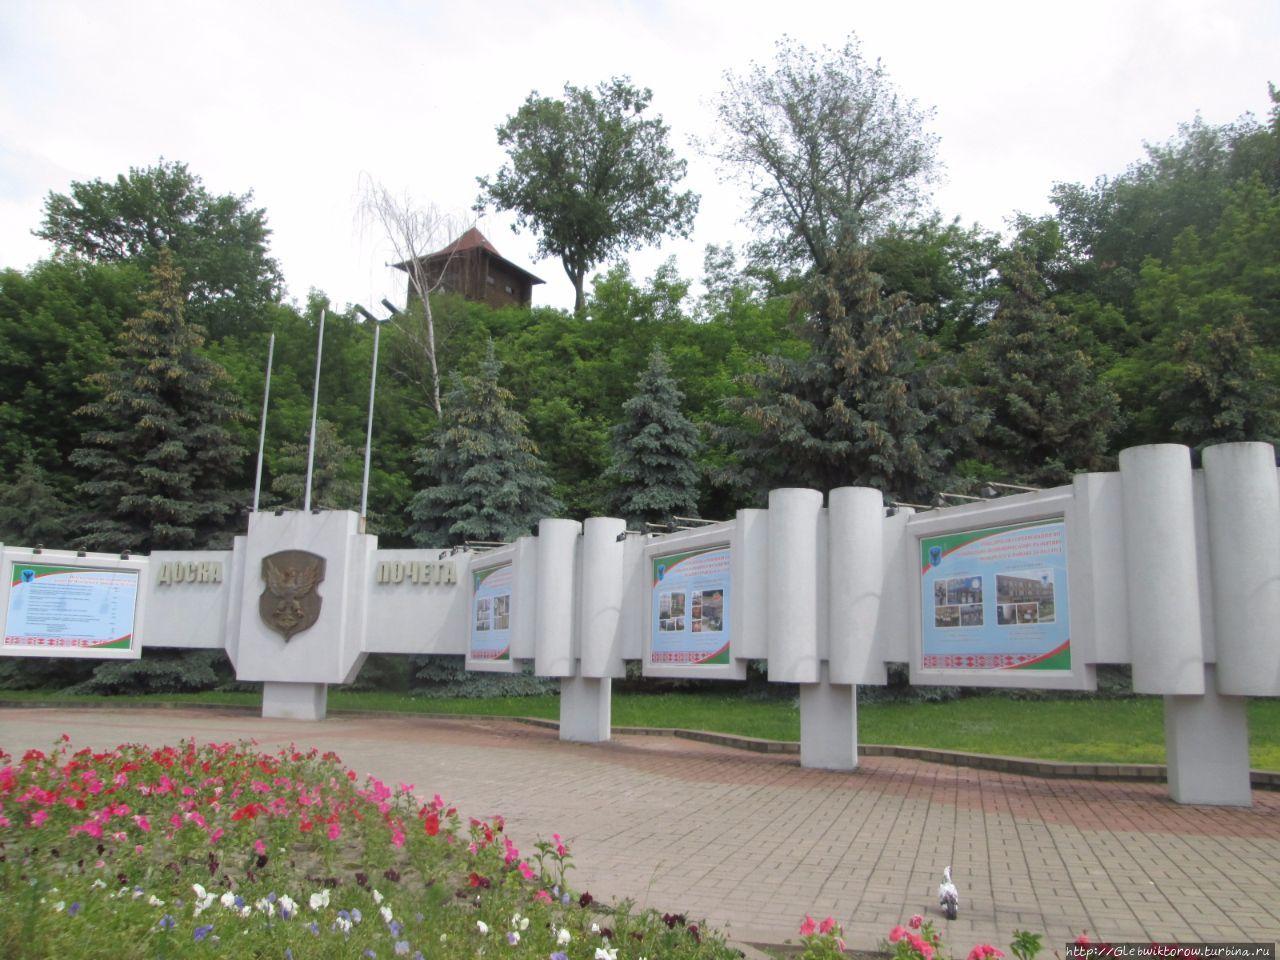 Посещение мозырского замка Мозырь, Беларусь